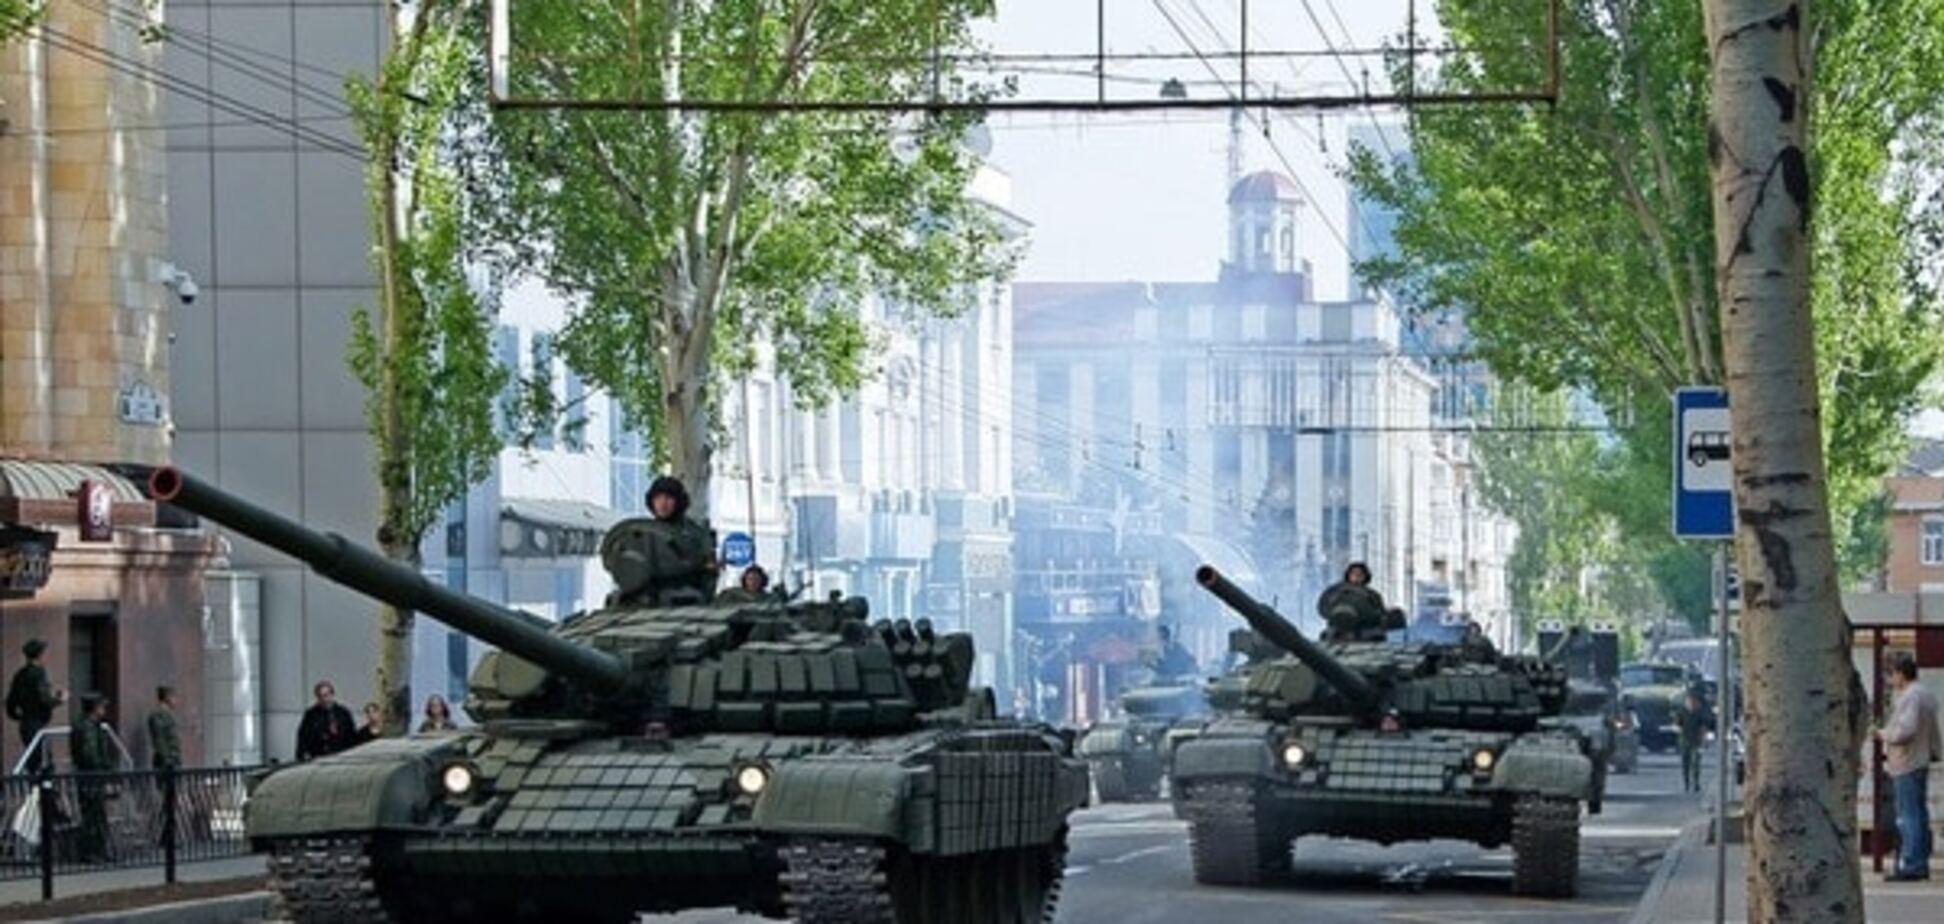 Можлива масова загибель: у 'ДНР' готують провокацію з 'літаком ЗСУ і хімзброєю'